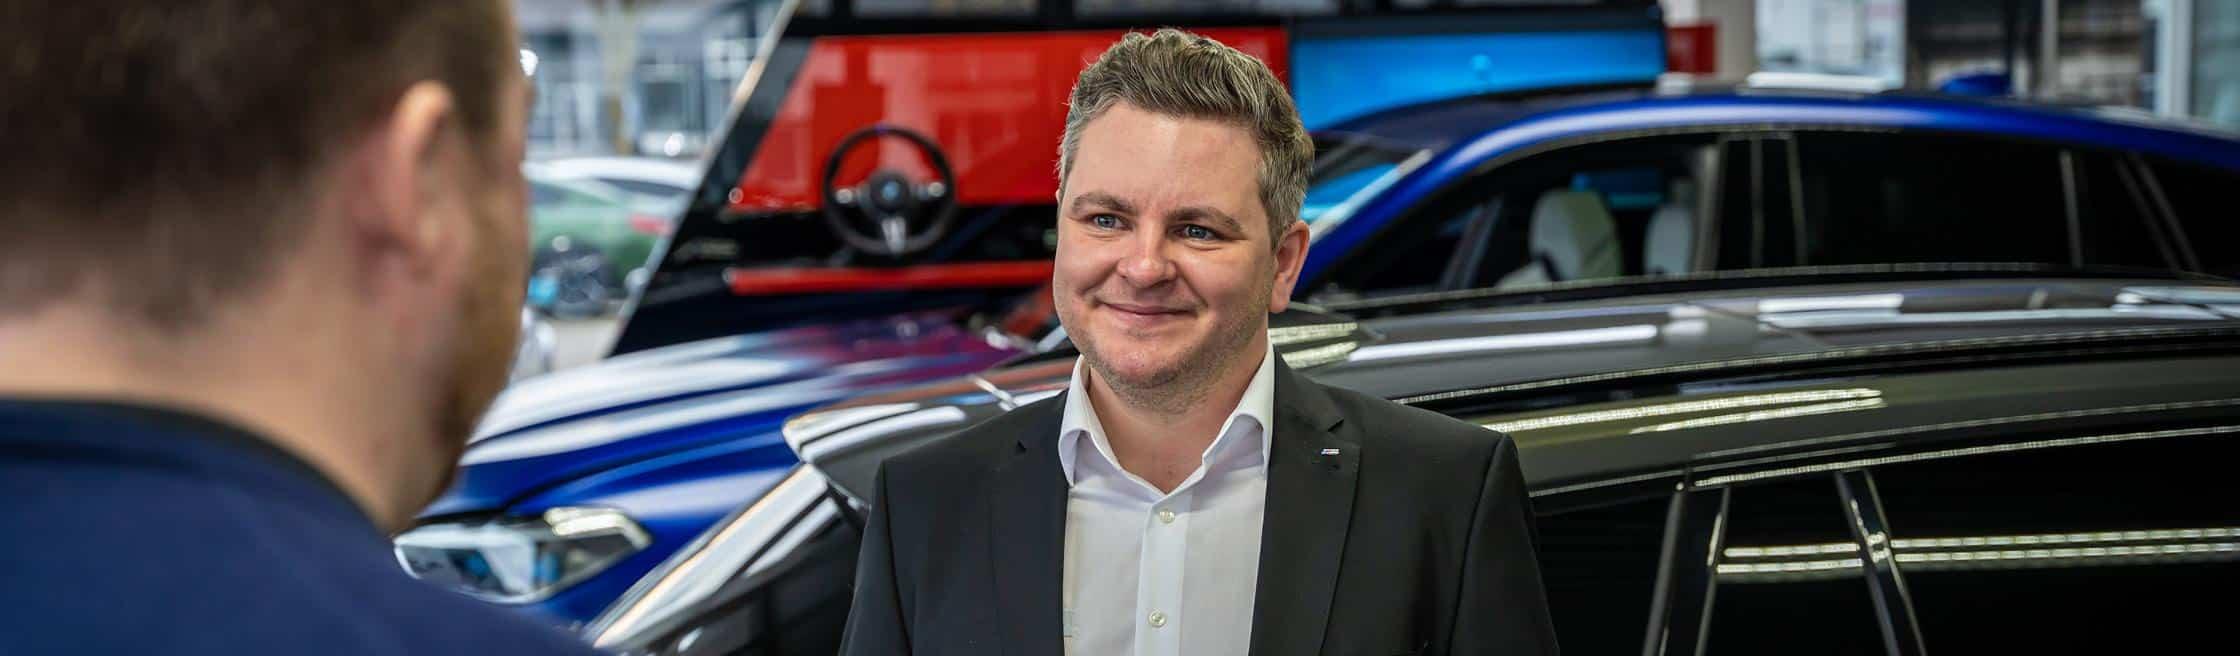 Finanzierung Leasing Versicherung BMW Joas